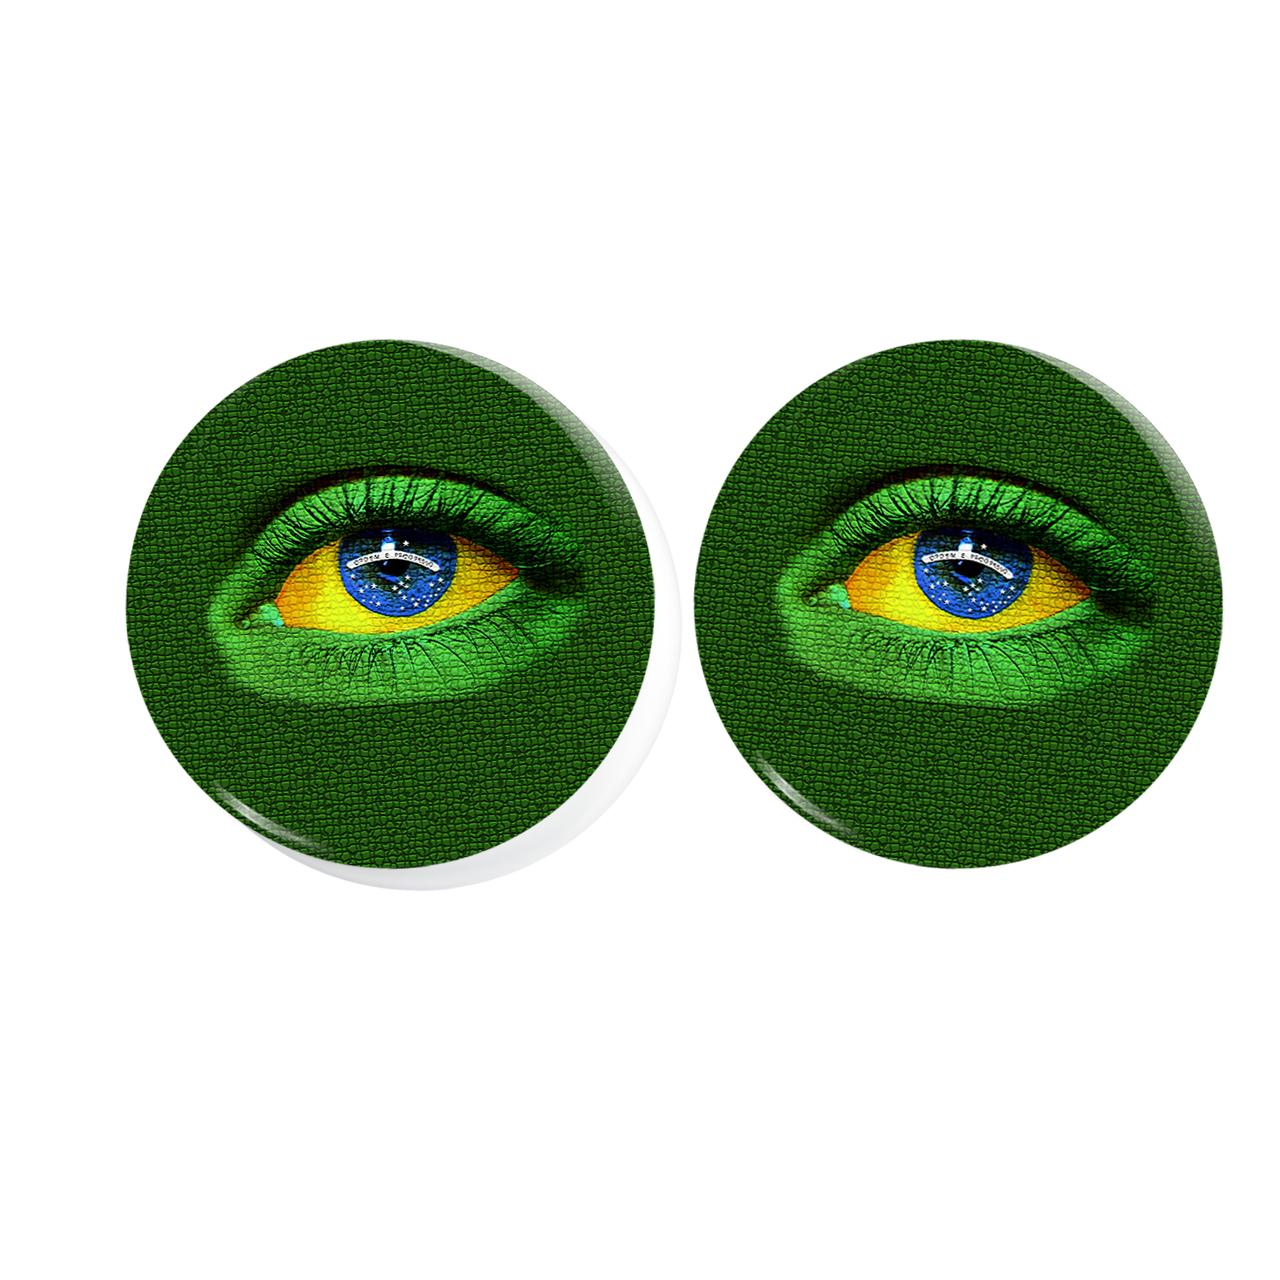 پیکسل طرح برزیل کد 003 بسته 2 عددی |